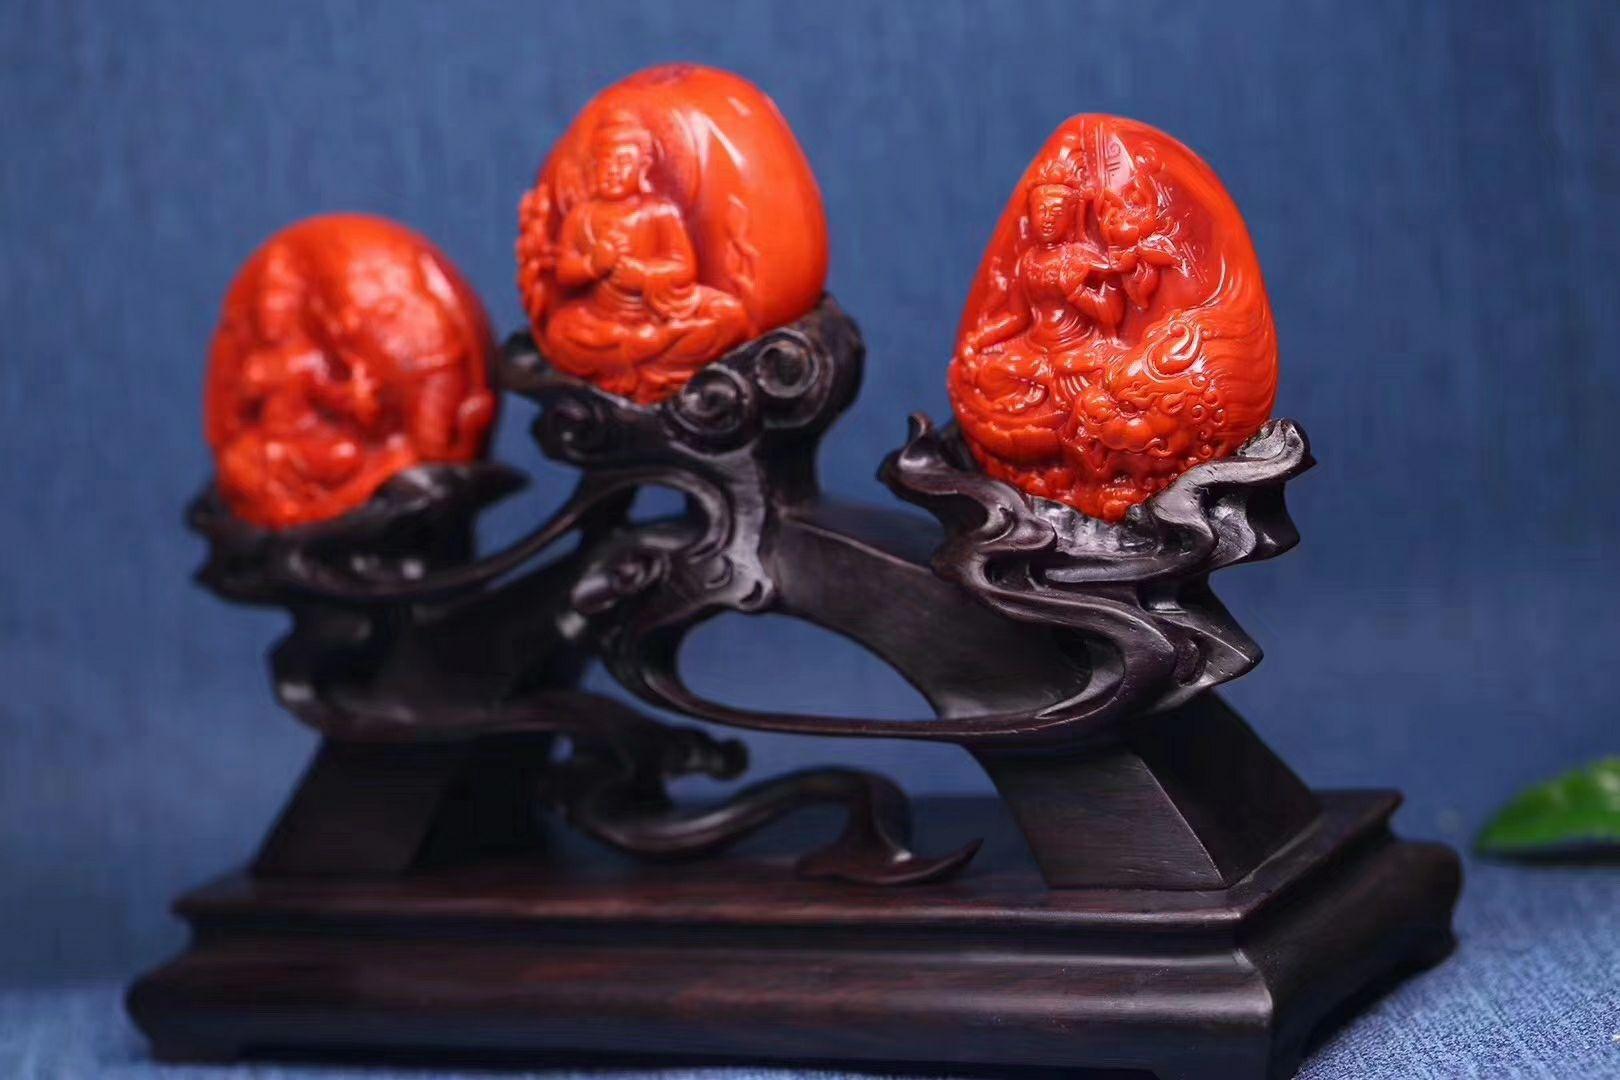 """极品瓦西料""""华严三圣"""",满肉柿子红,传统开脸,工艺顶级,还是摆件,这最难得。在华严经中,文殊菩萨以智、普贤菩萨以行辅佐释迦牟尼佛的法身毗卢遮那佛,故""""释迦三尊""""又被称为""""华严三圣""""。取1尺寸60.50.38,145.6克,三尊都是锦红色"""